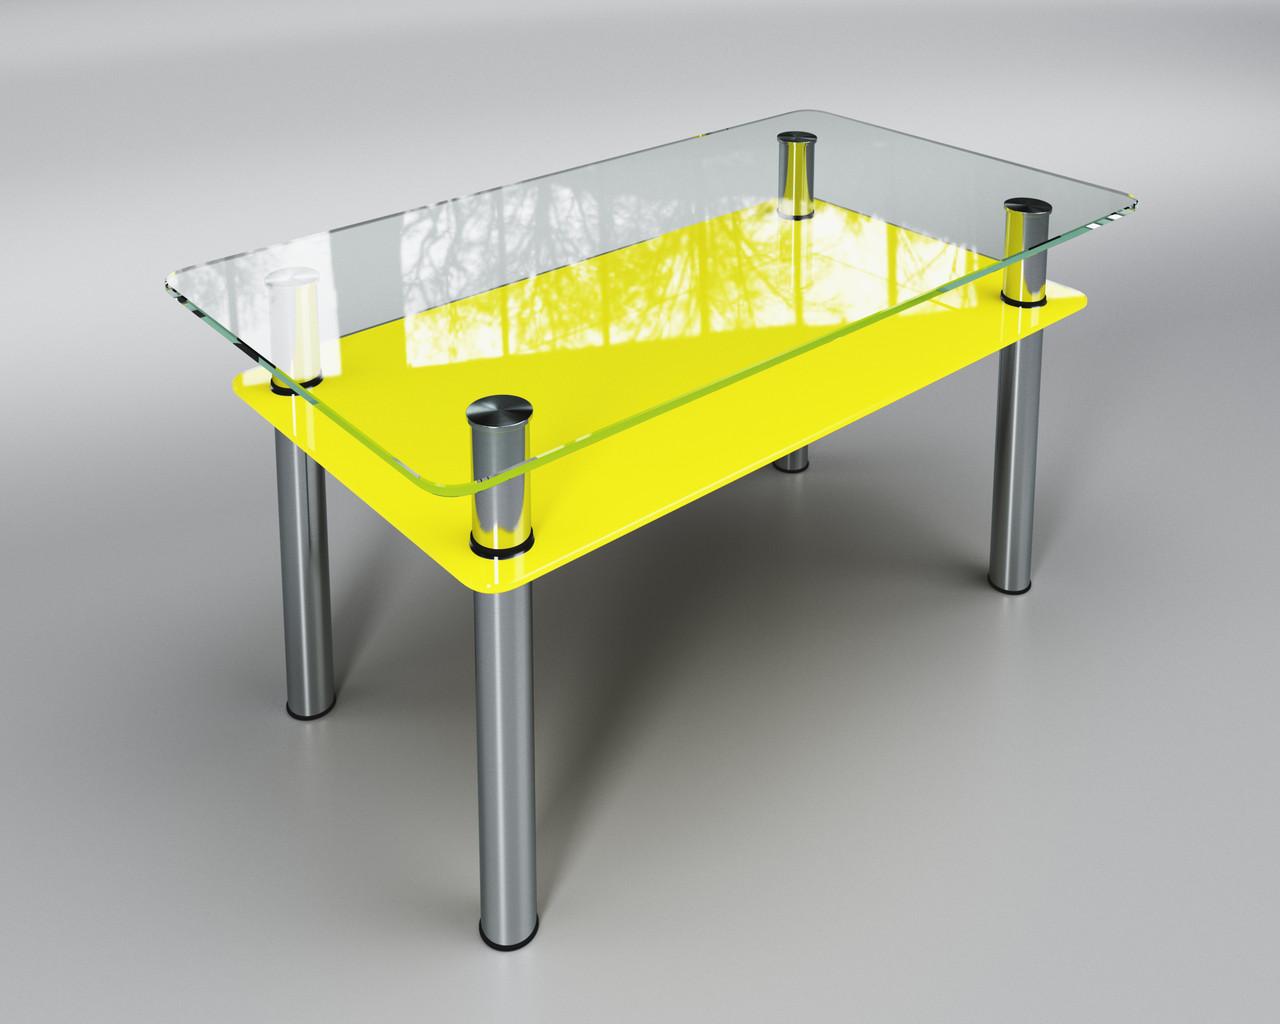 Скляний стіл Вега з полицею (журнальний) жовтий